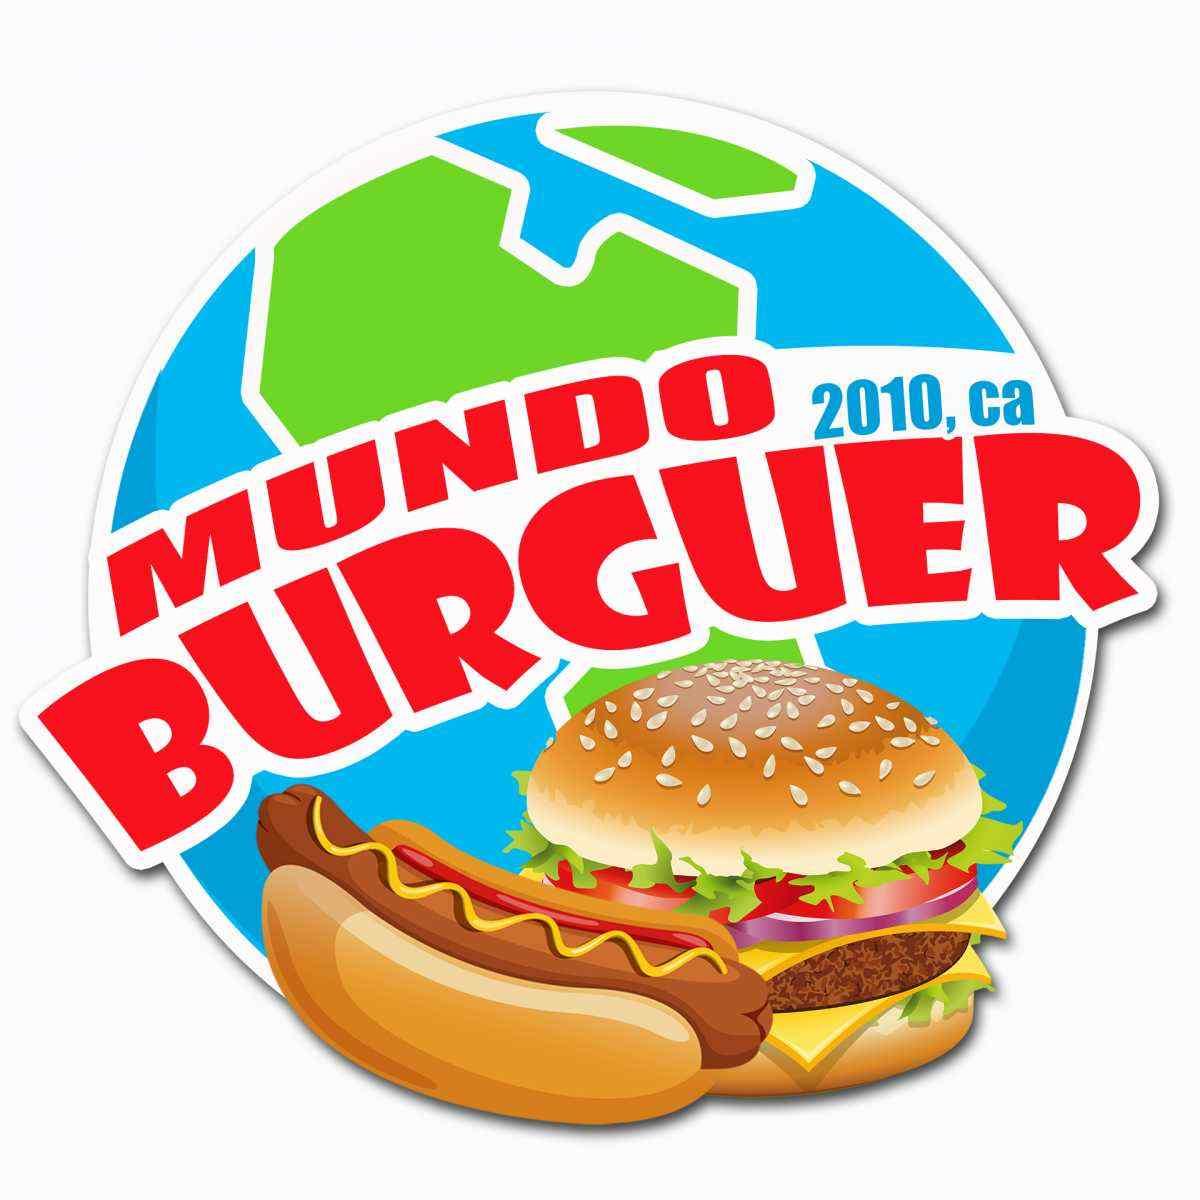 Mundo Burguer 2010, c.a